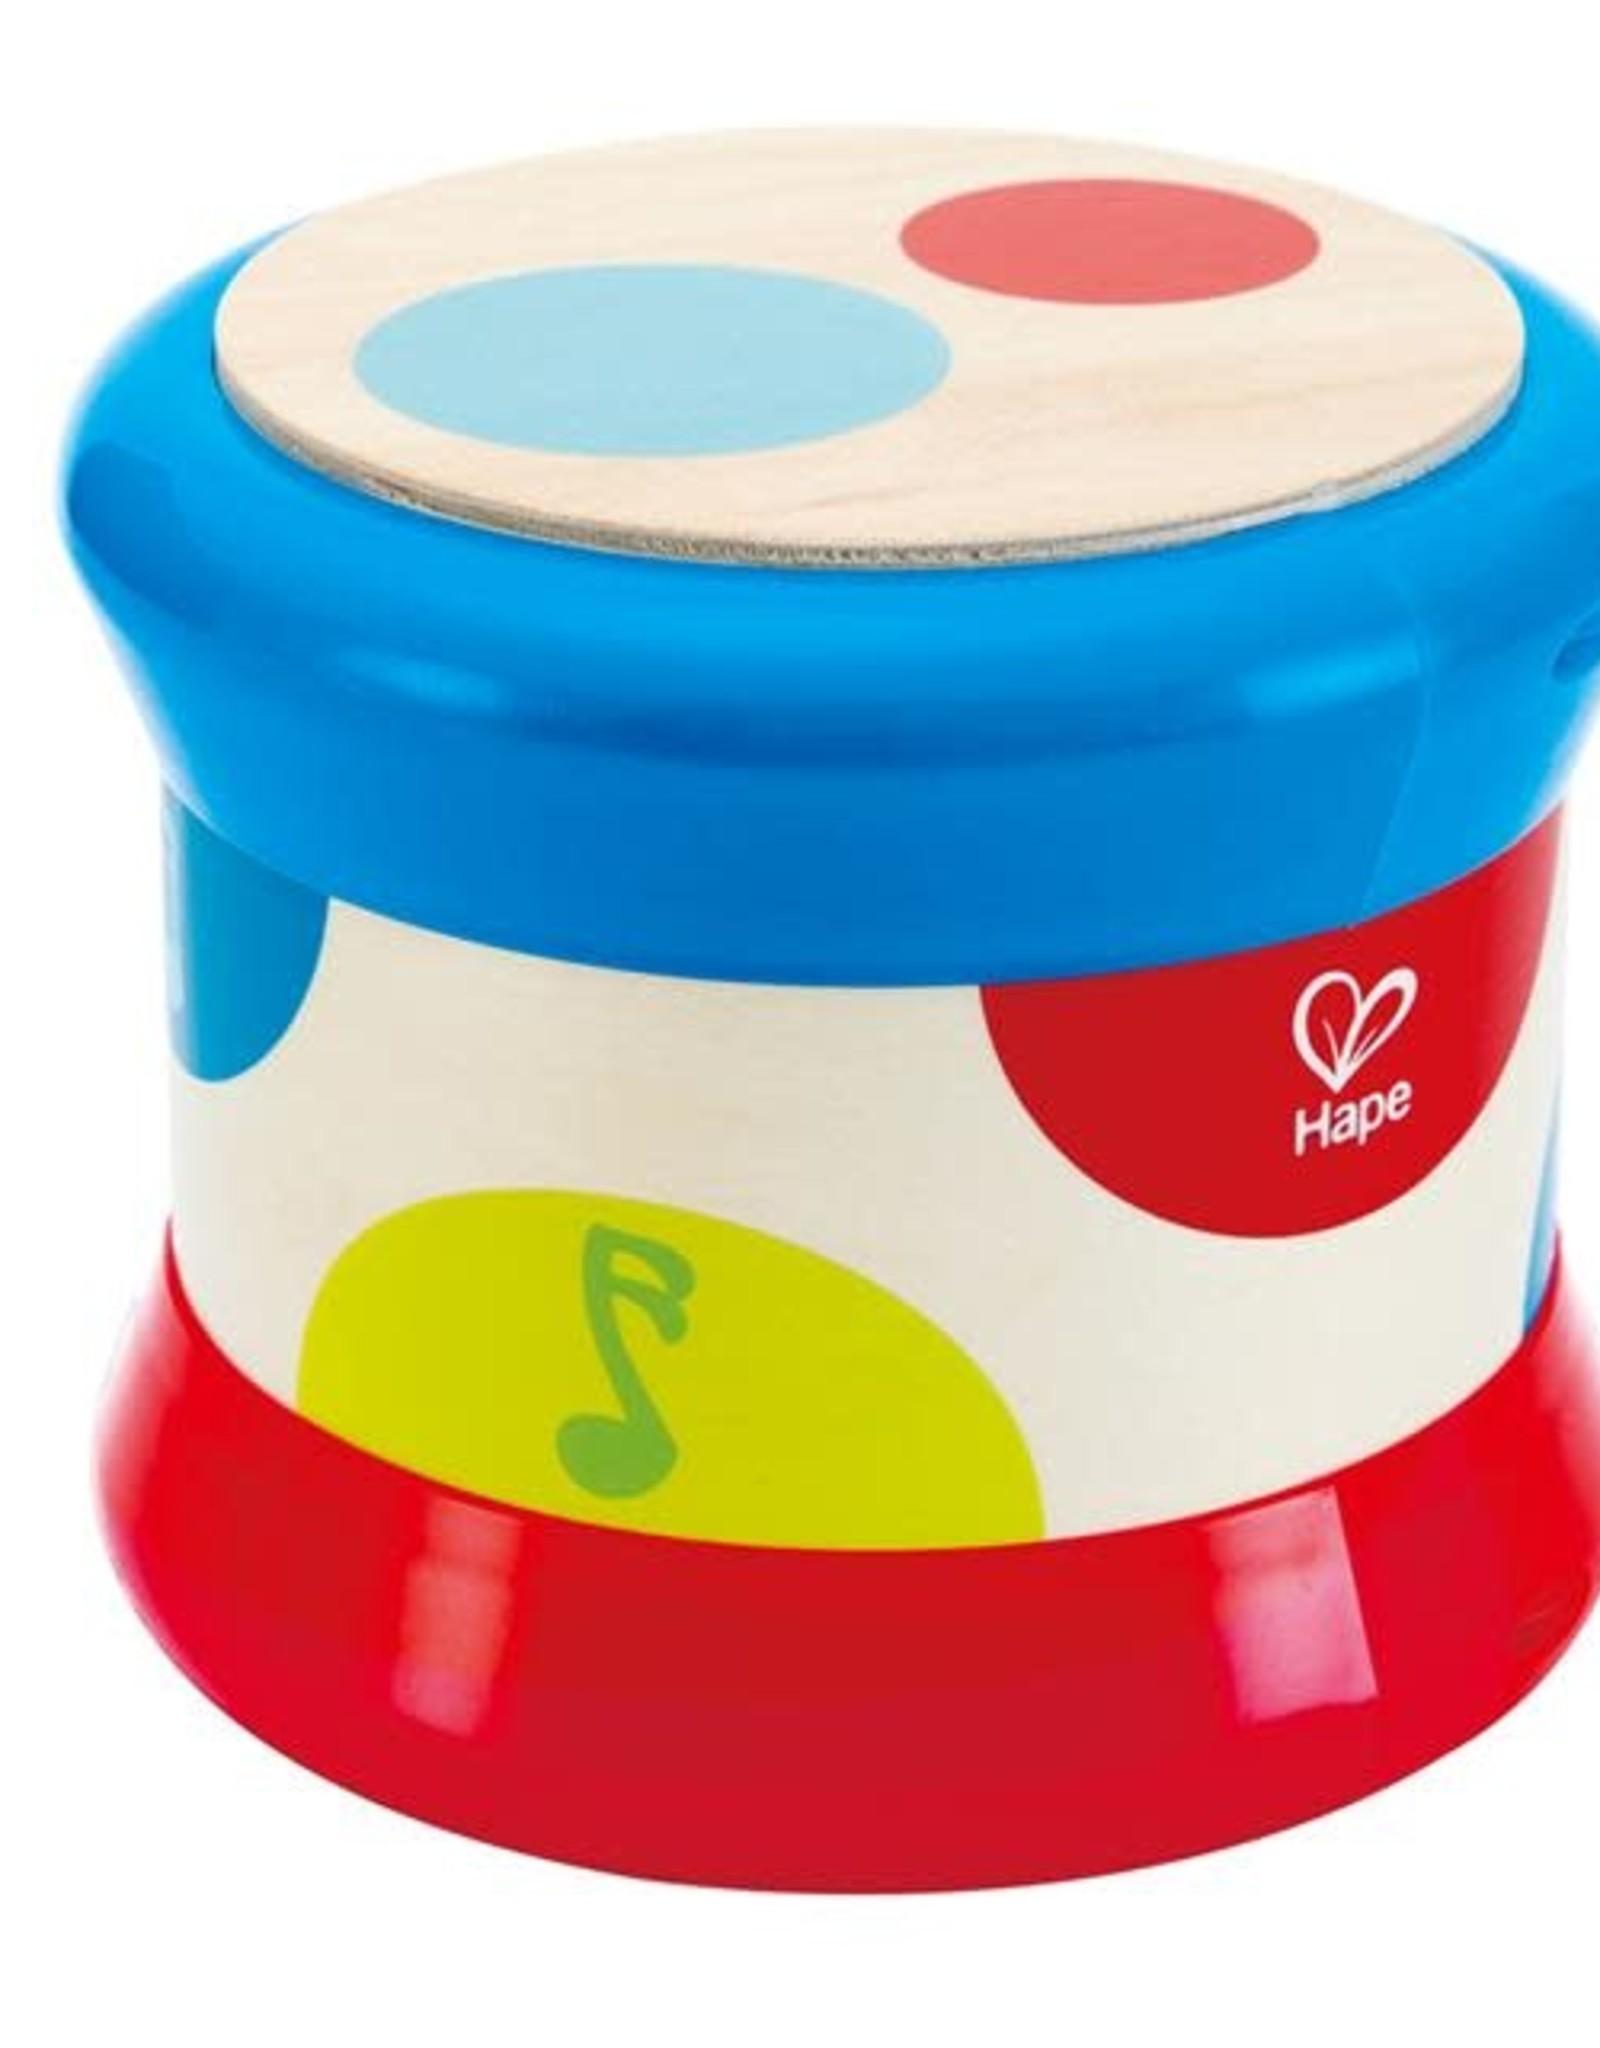 Hape Toys Hape Baby Drum